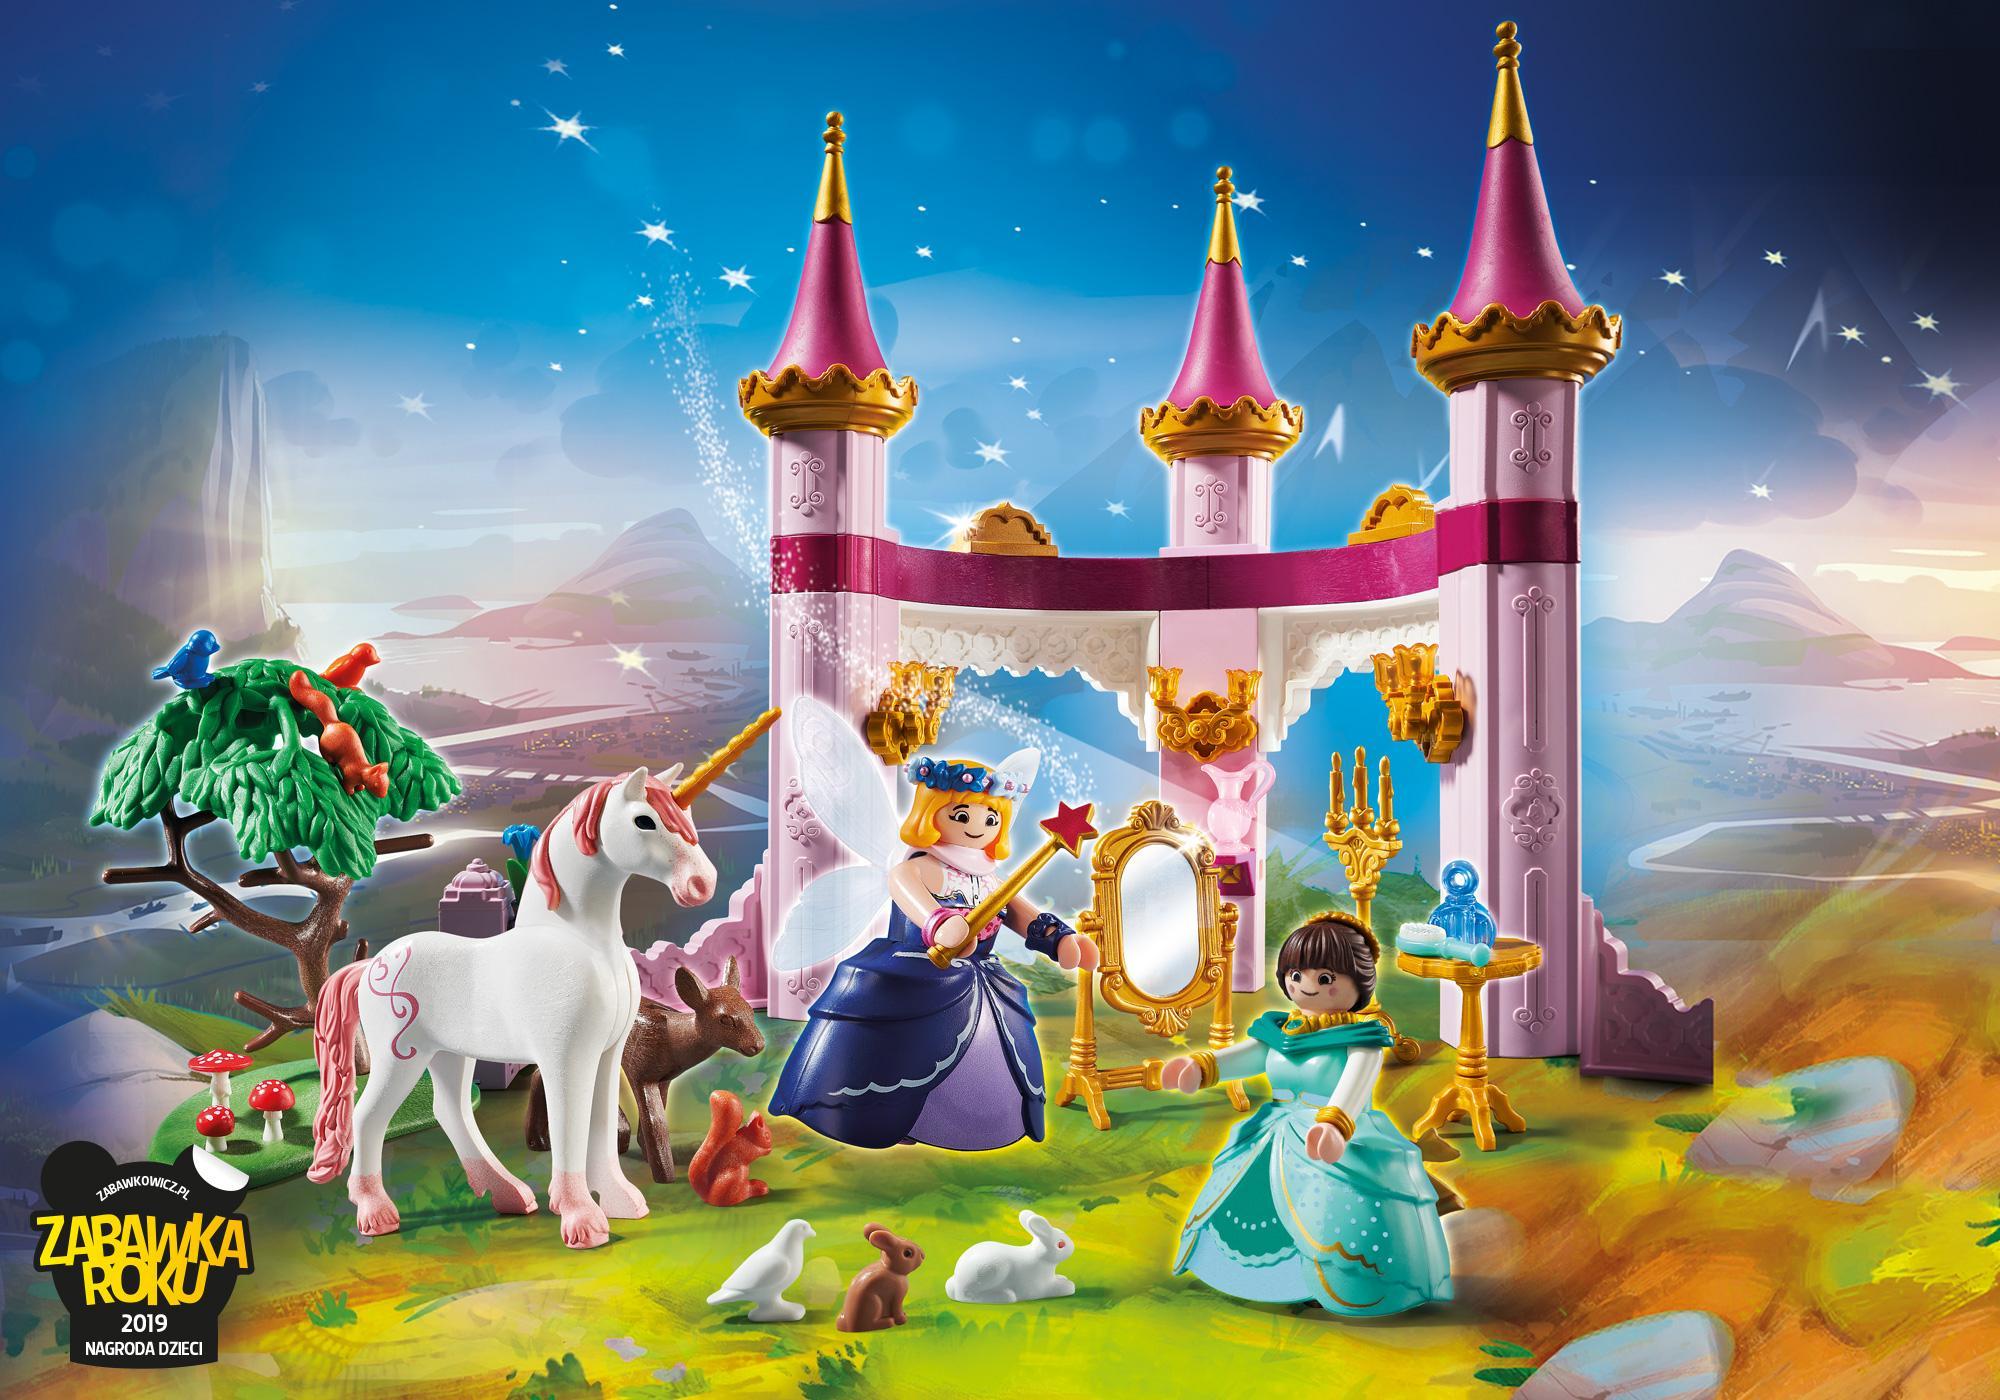 http://media.playmobil.com/i/playmobil/70077_product_detail/PLAYMOBIL: THE MOVIE Marla w bajkowym zamku